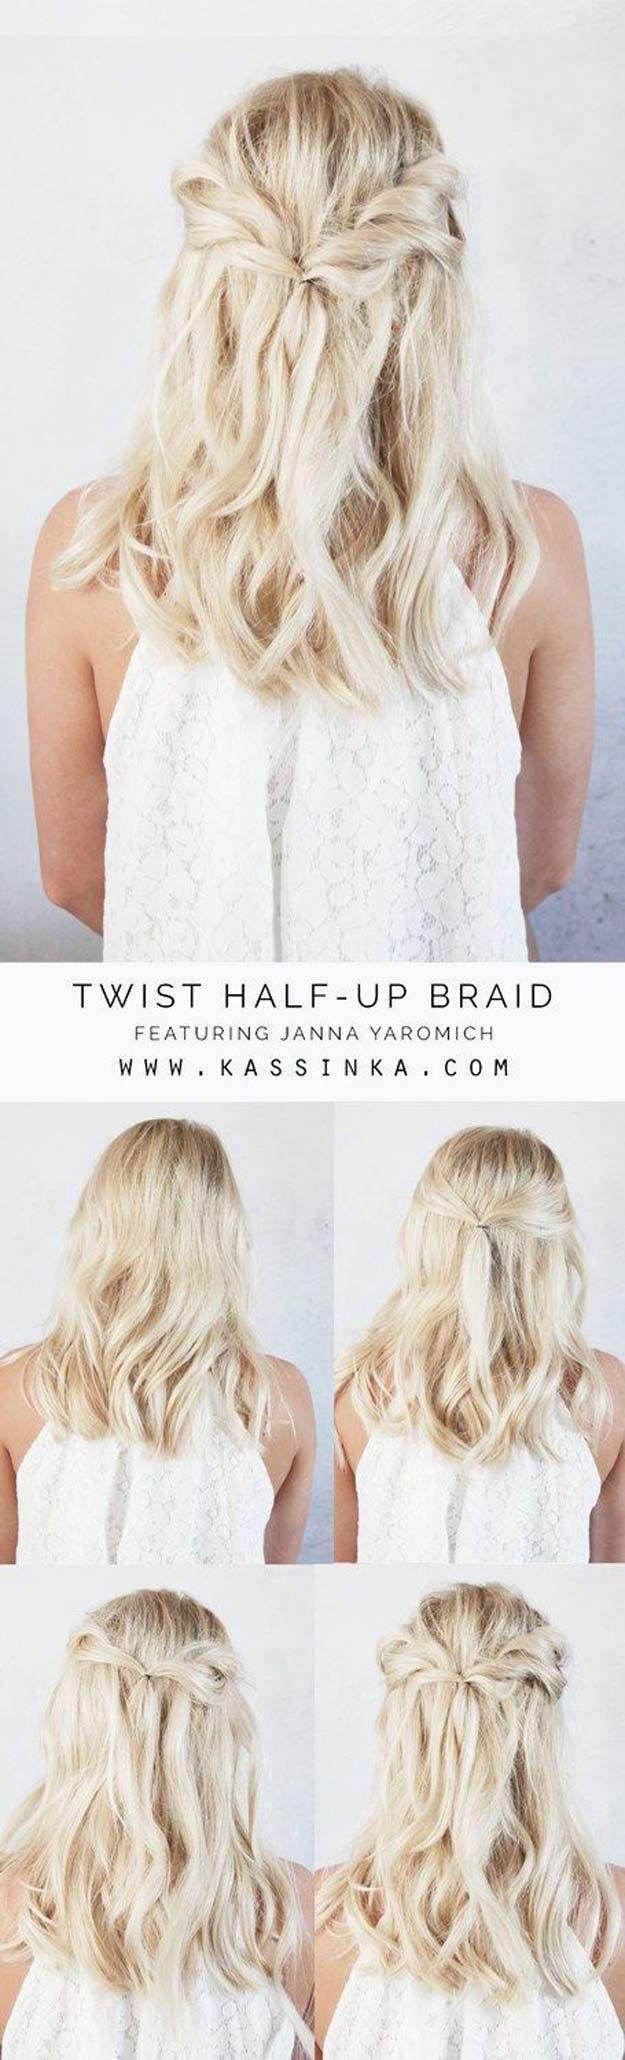 Schnelle und einfache kurze Frisuren